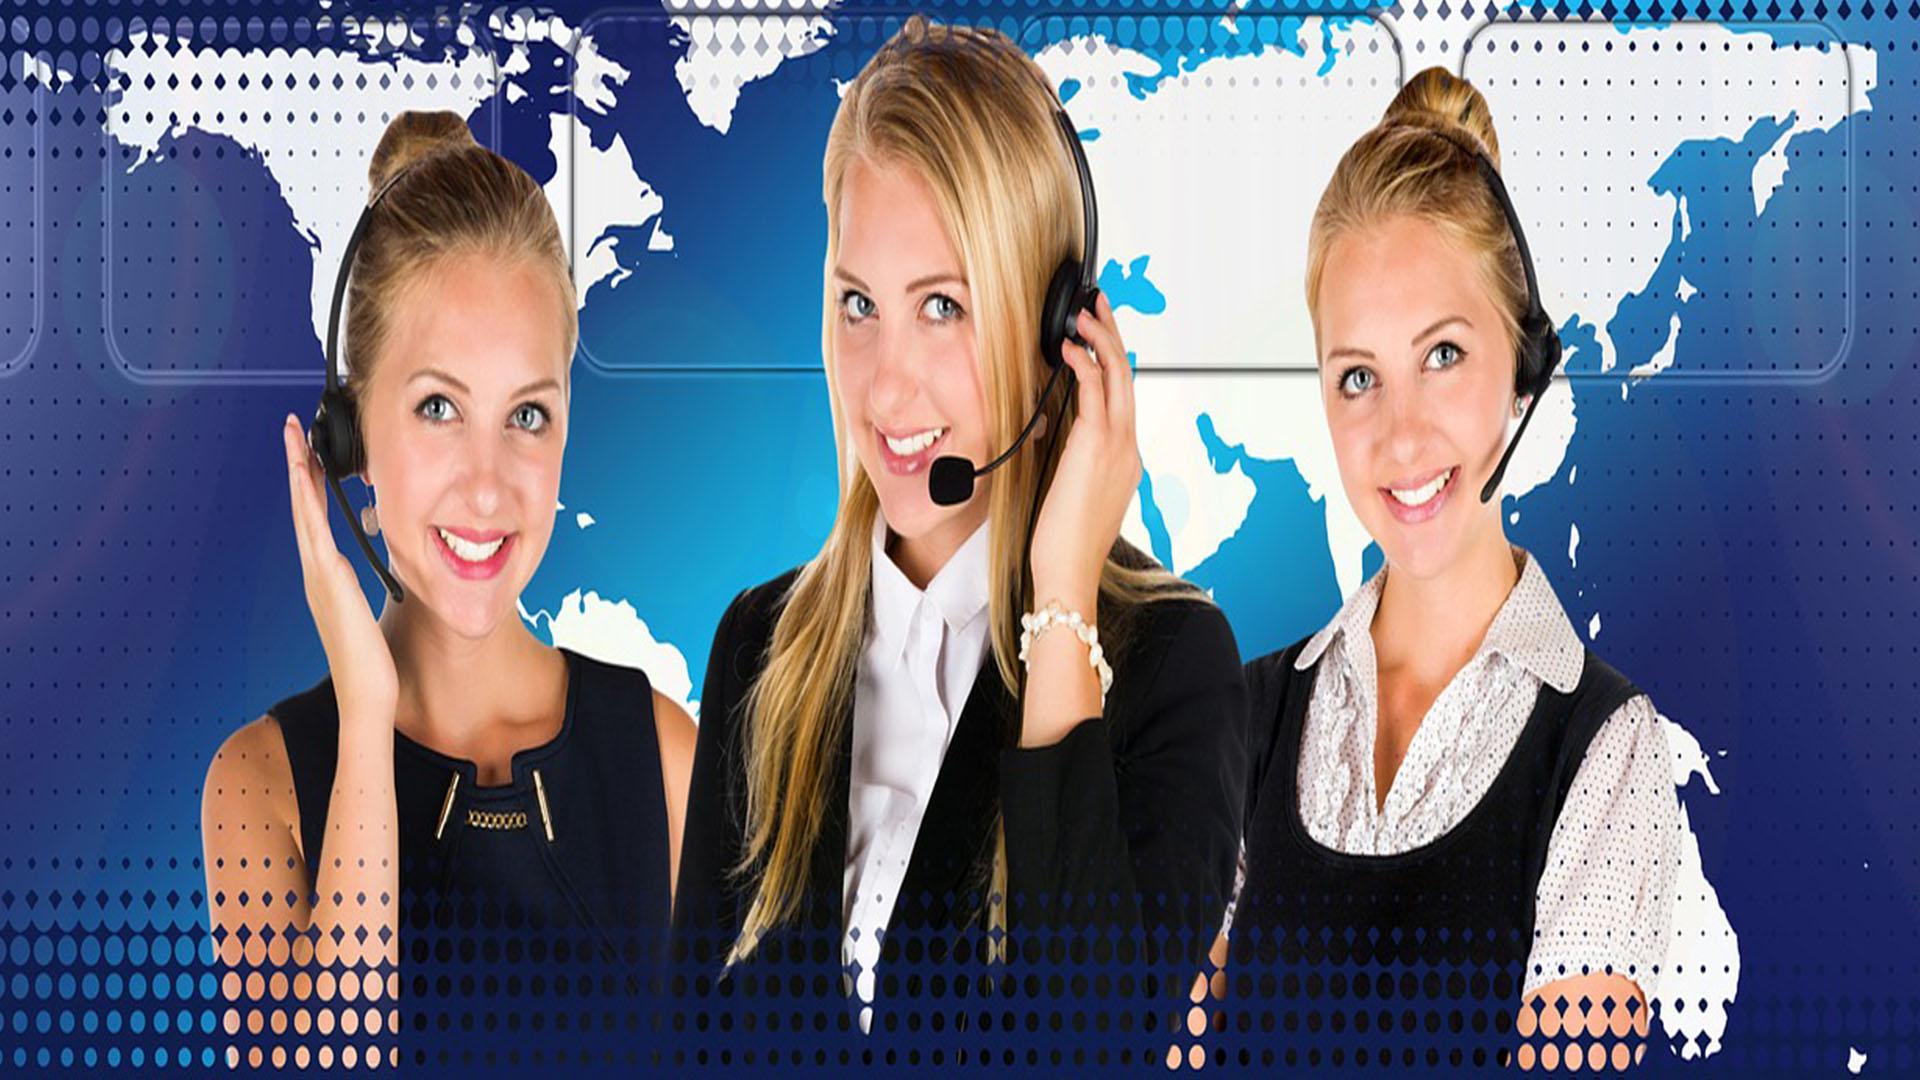 Ao contratar o serviço de assessoria para visto americano, você poderá planejar com mais tranquilidade a sua viagem.